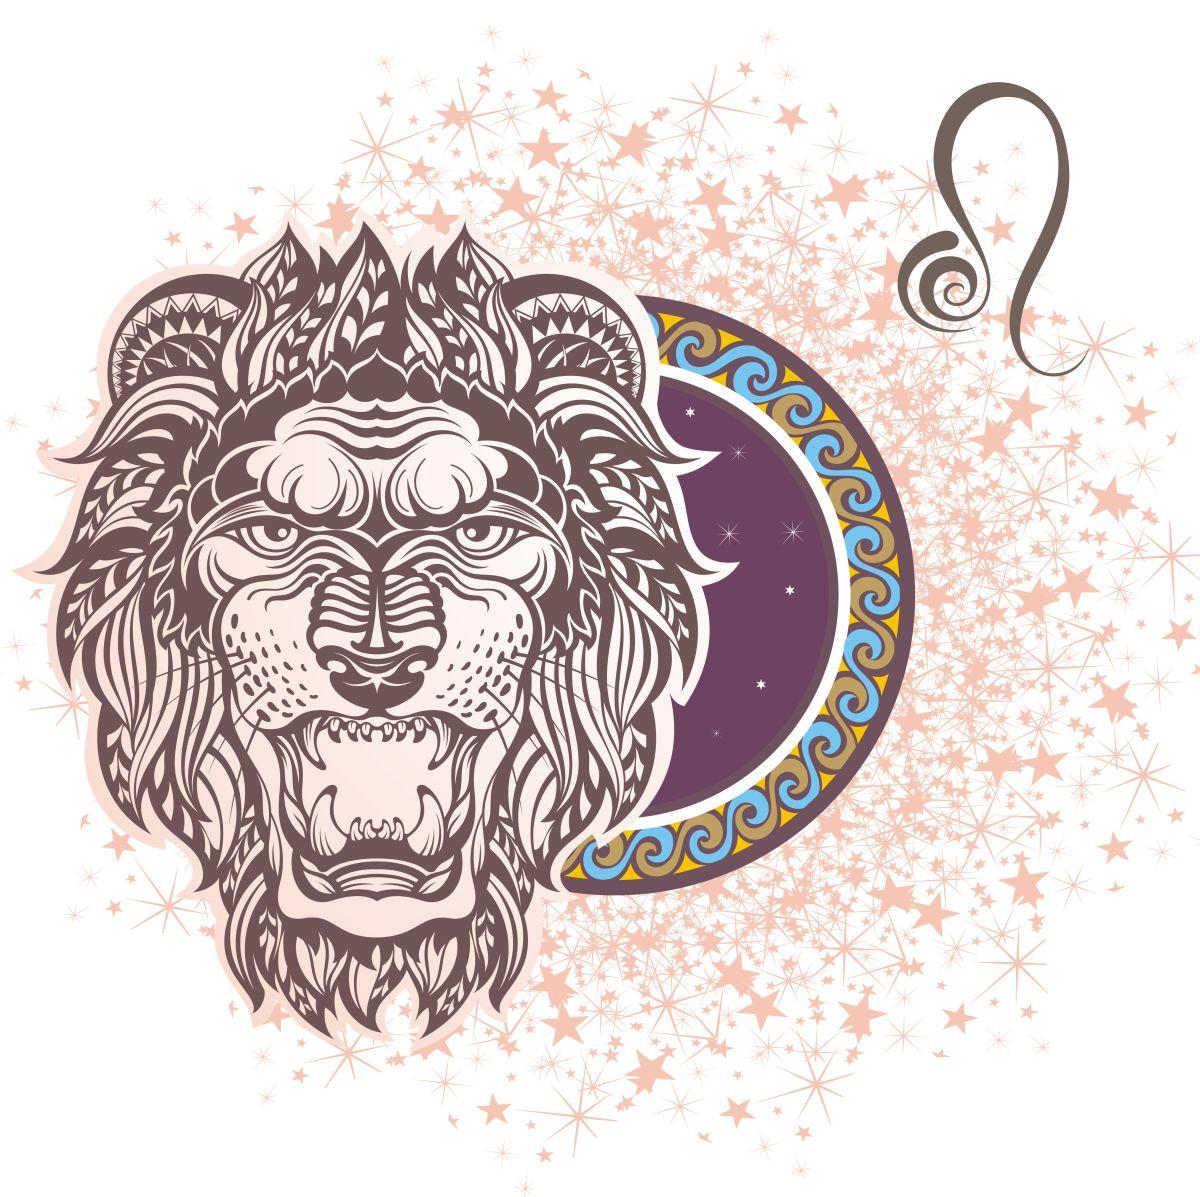 Horóscopo: Qué le espera al signo de Leo en este mes de junio